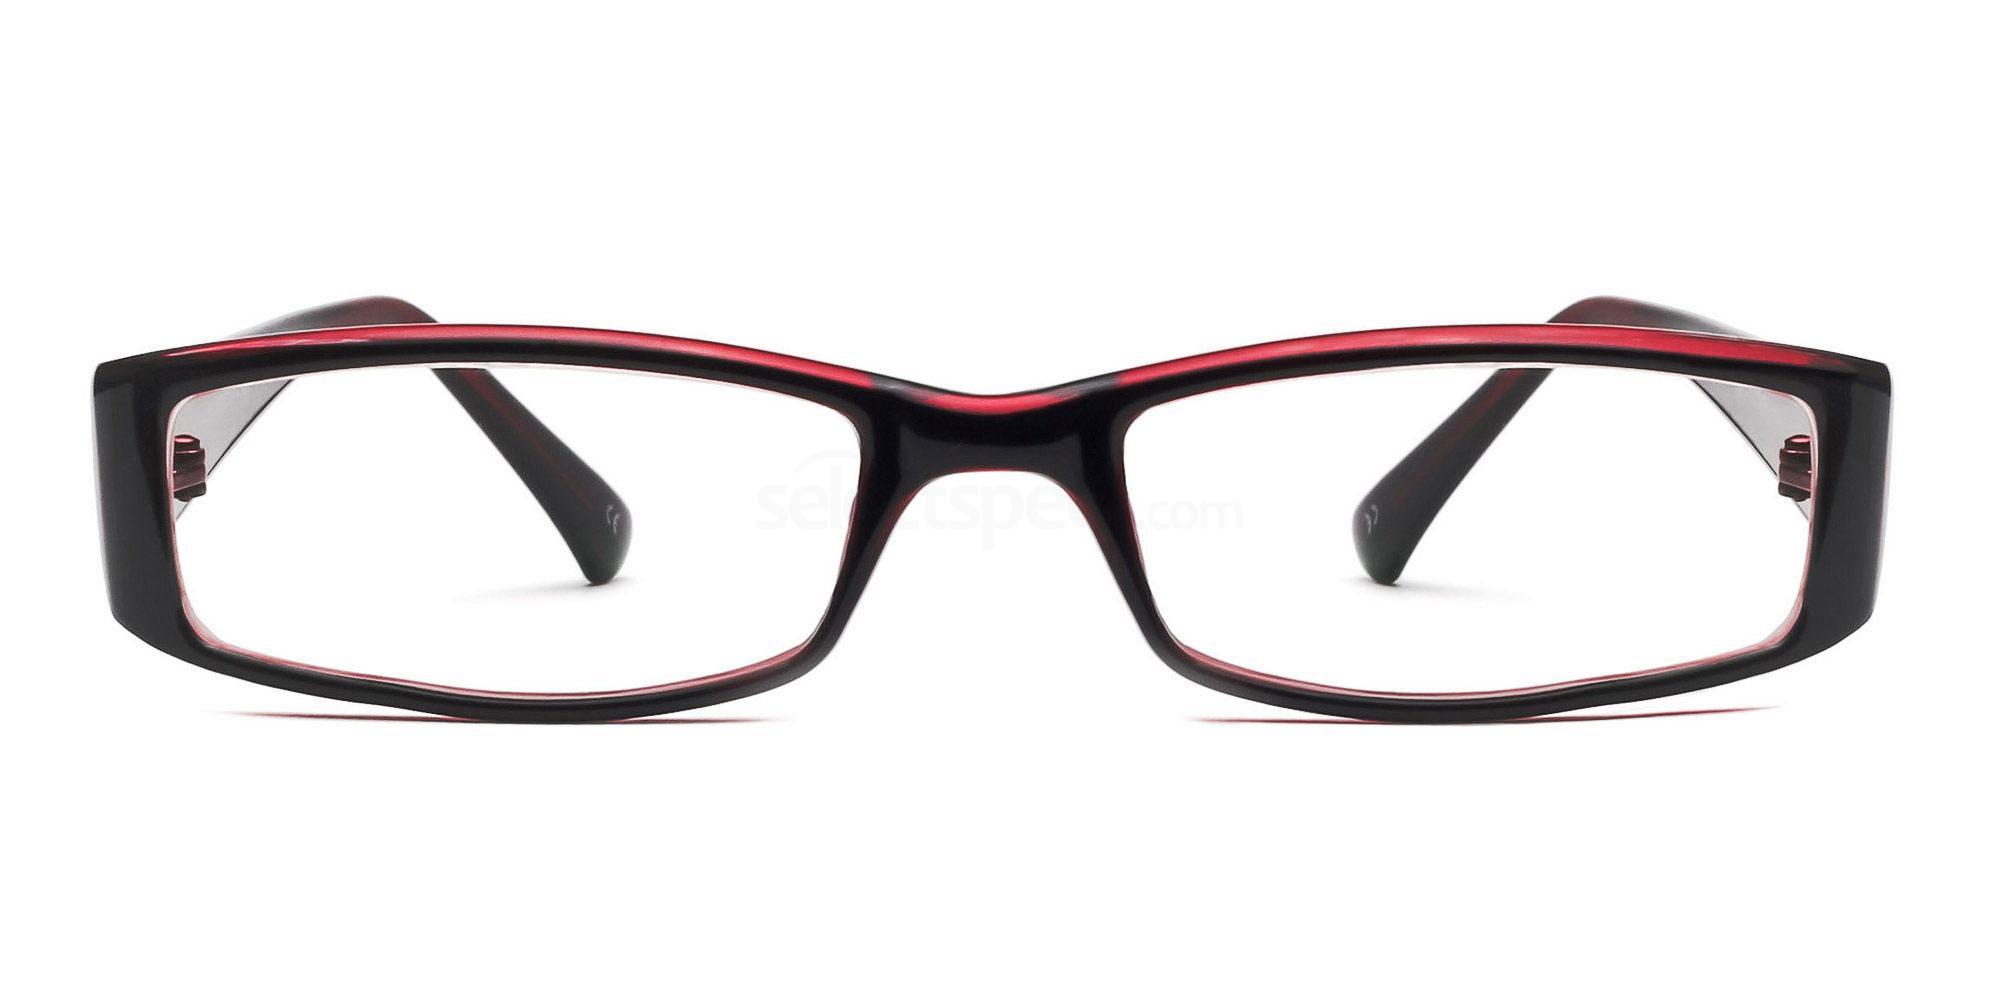 C38 P2251 - Black and Red Glasses, Savannah